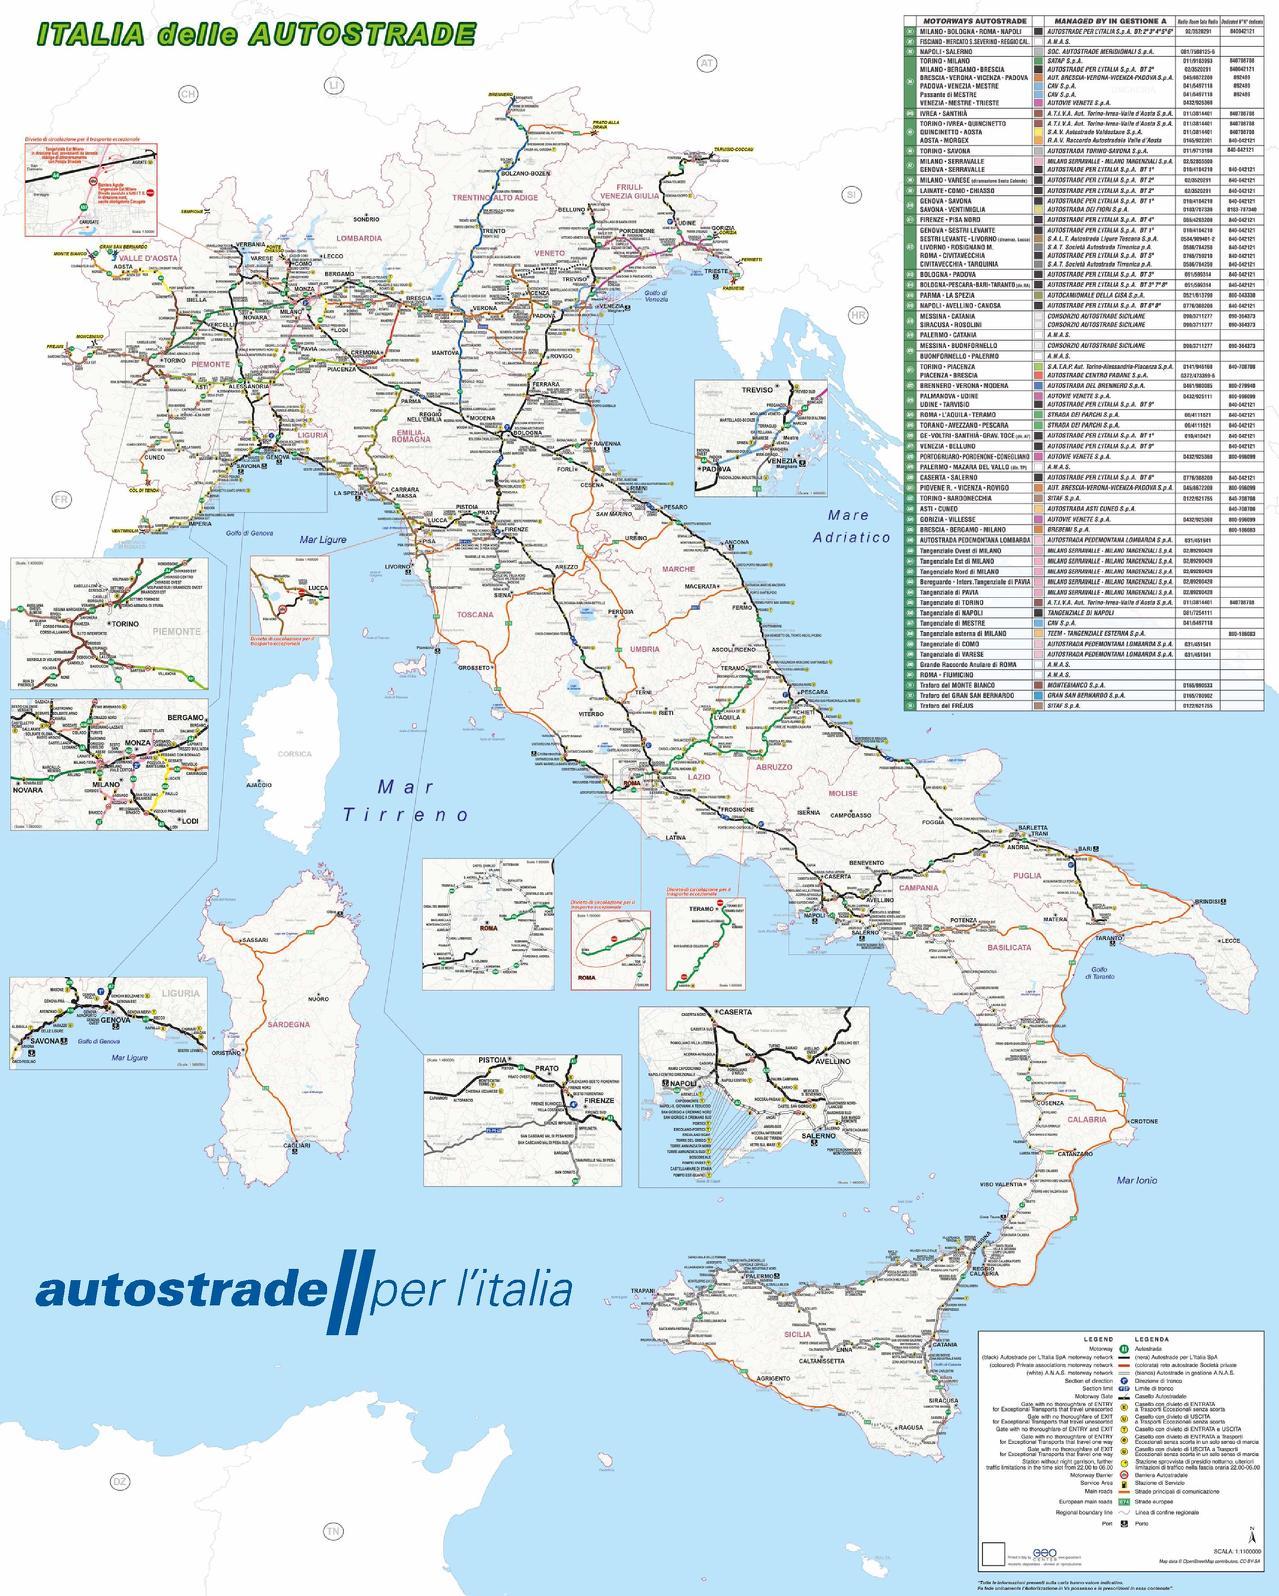 Italia per le autostrade